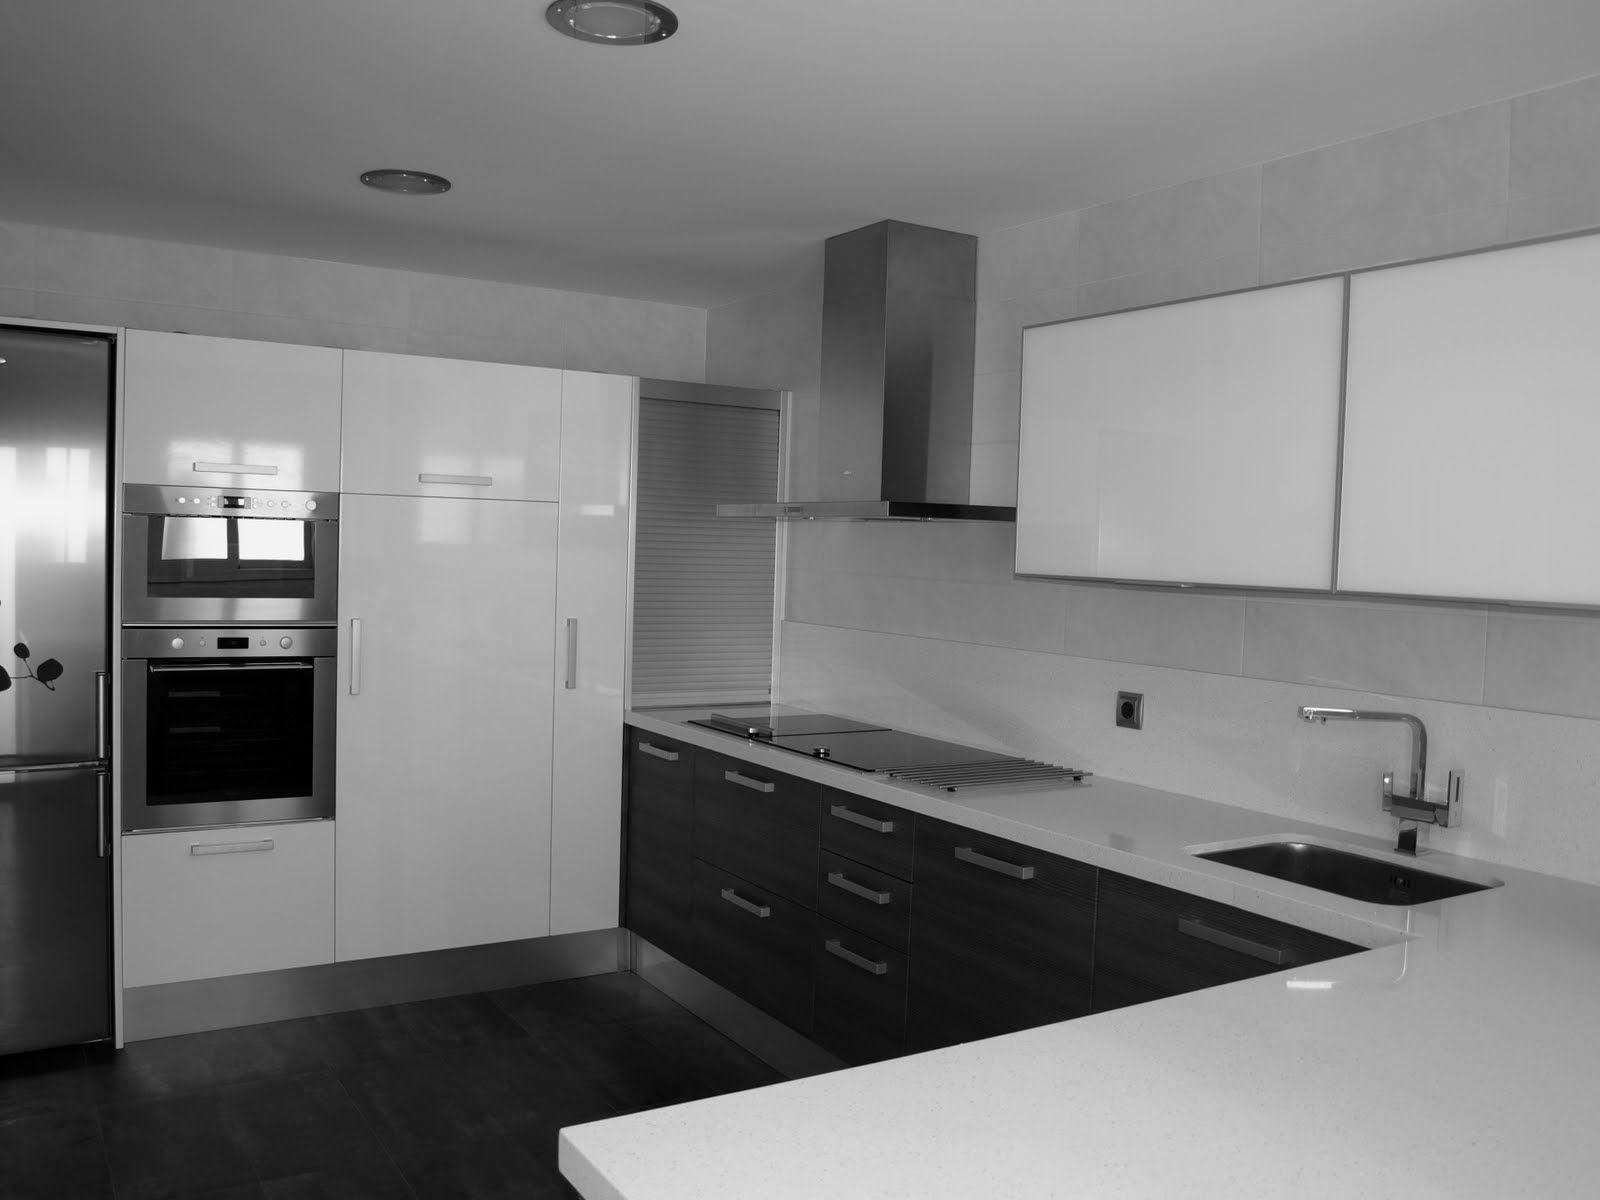 Cocina blanca suelo gris inspiraci n de dise o de for Cocinas modernas blancas y grises